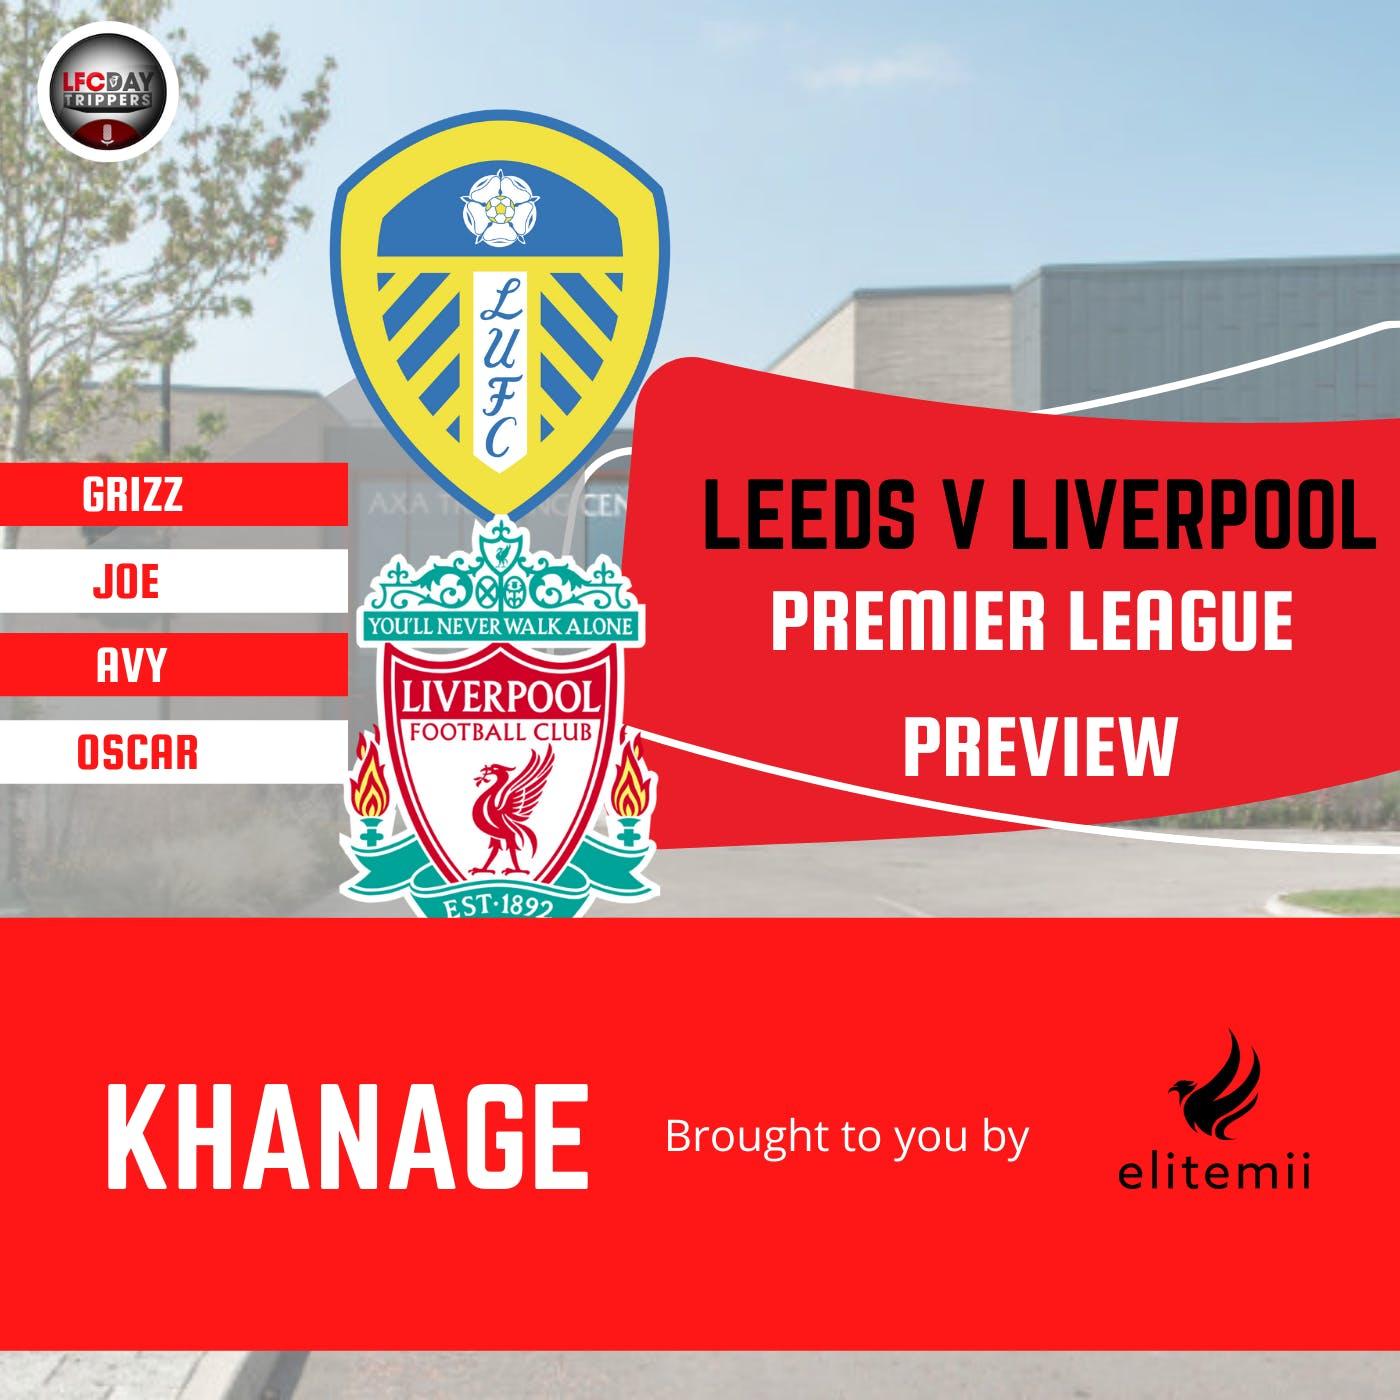 Leeds V Liverpool  | Khanage | Premier League Preview